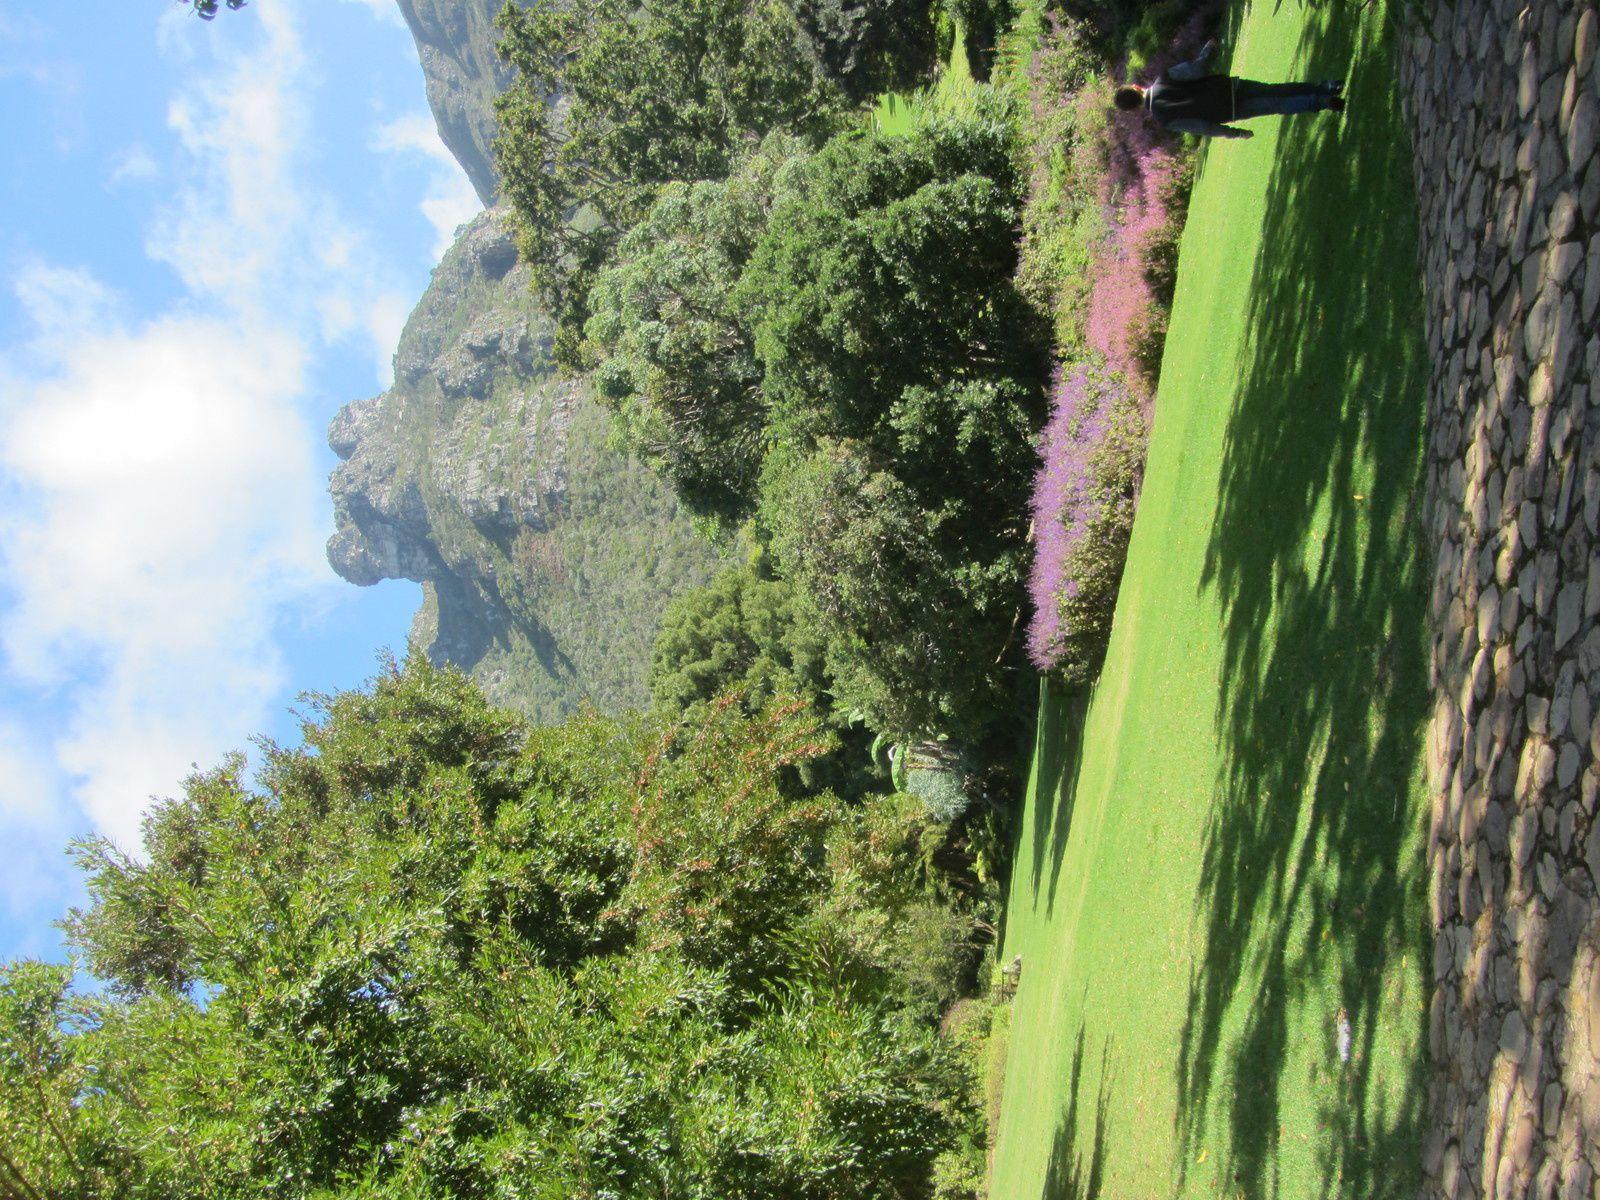 Ce jardin est situé sur le flanc oriental de la montagne de la Table (Table Mountain).  Le jardin a été fondé en 1913, pour préserver la flore d'Afrique du sudIl jouit d'une renommée internationale.